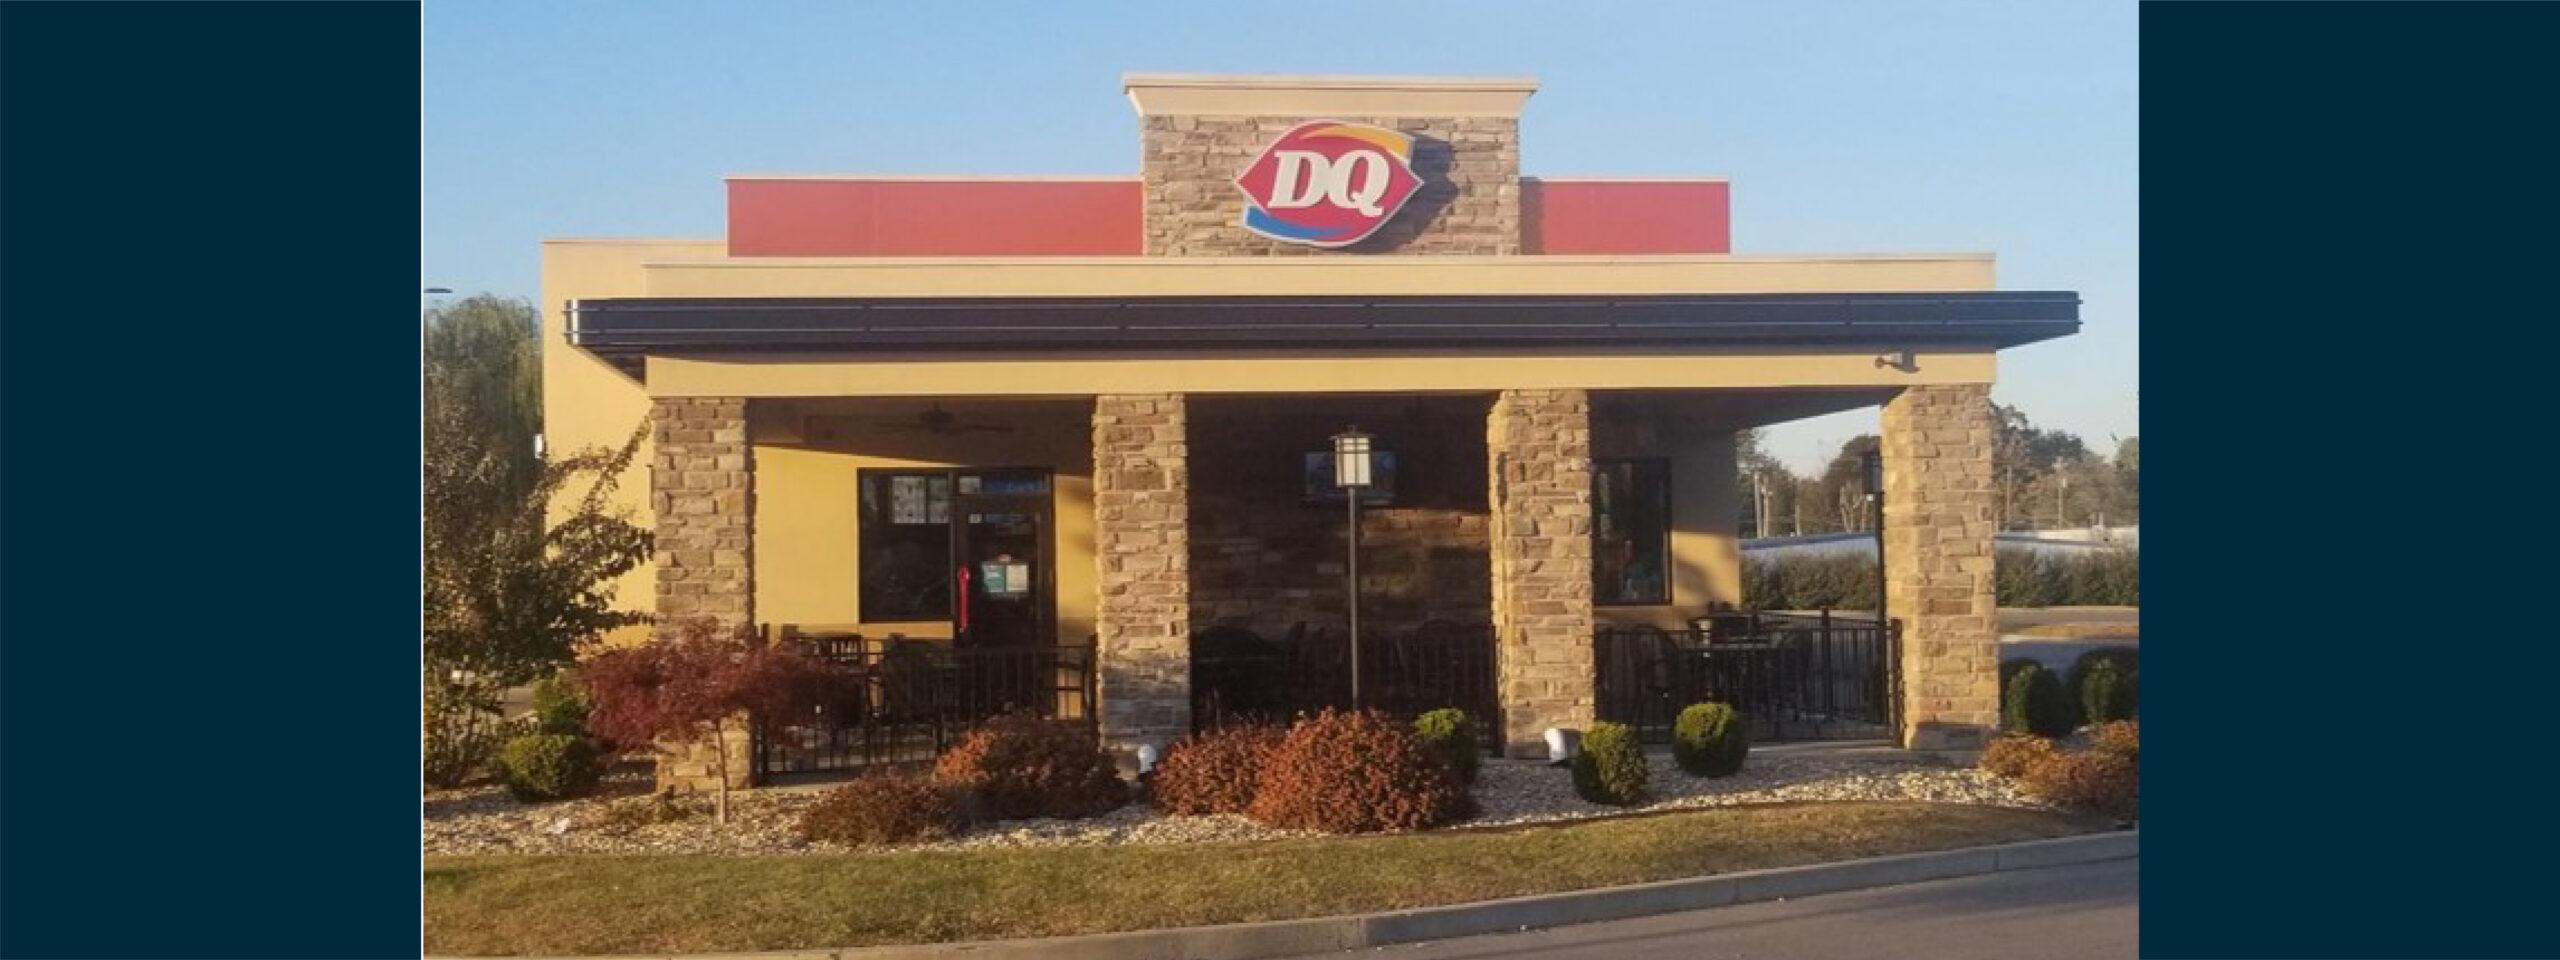 Nashville, TN Fourteen Foods DQ Restaurant